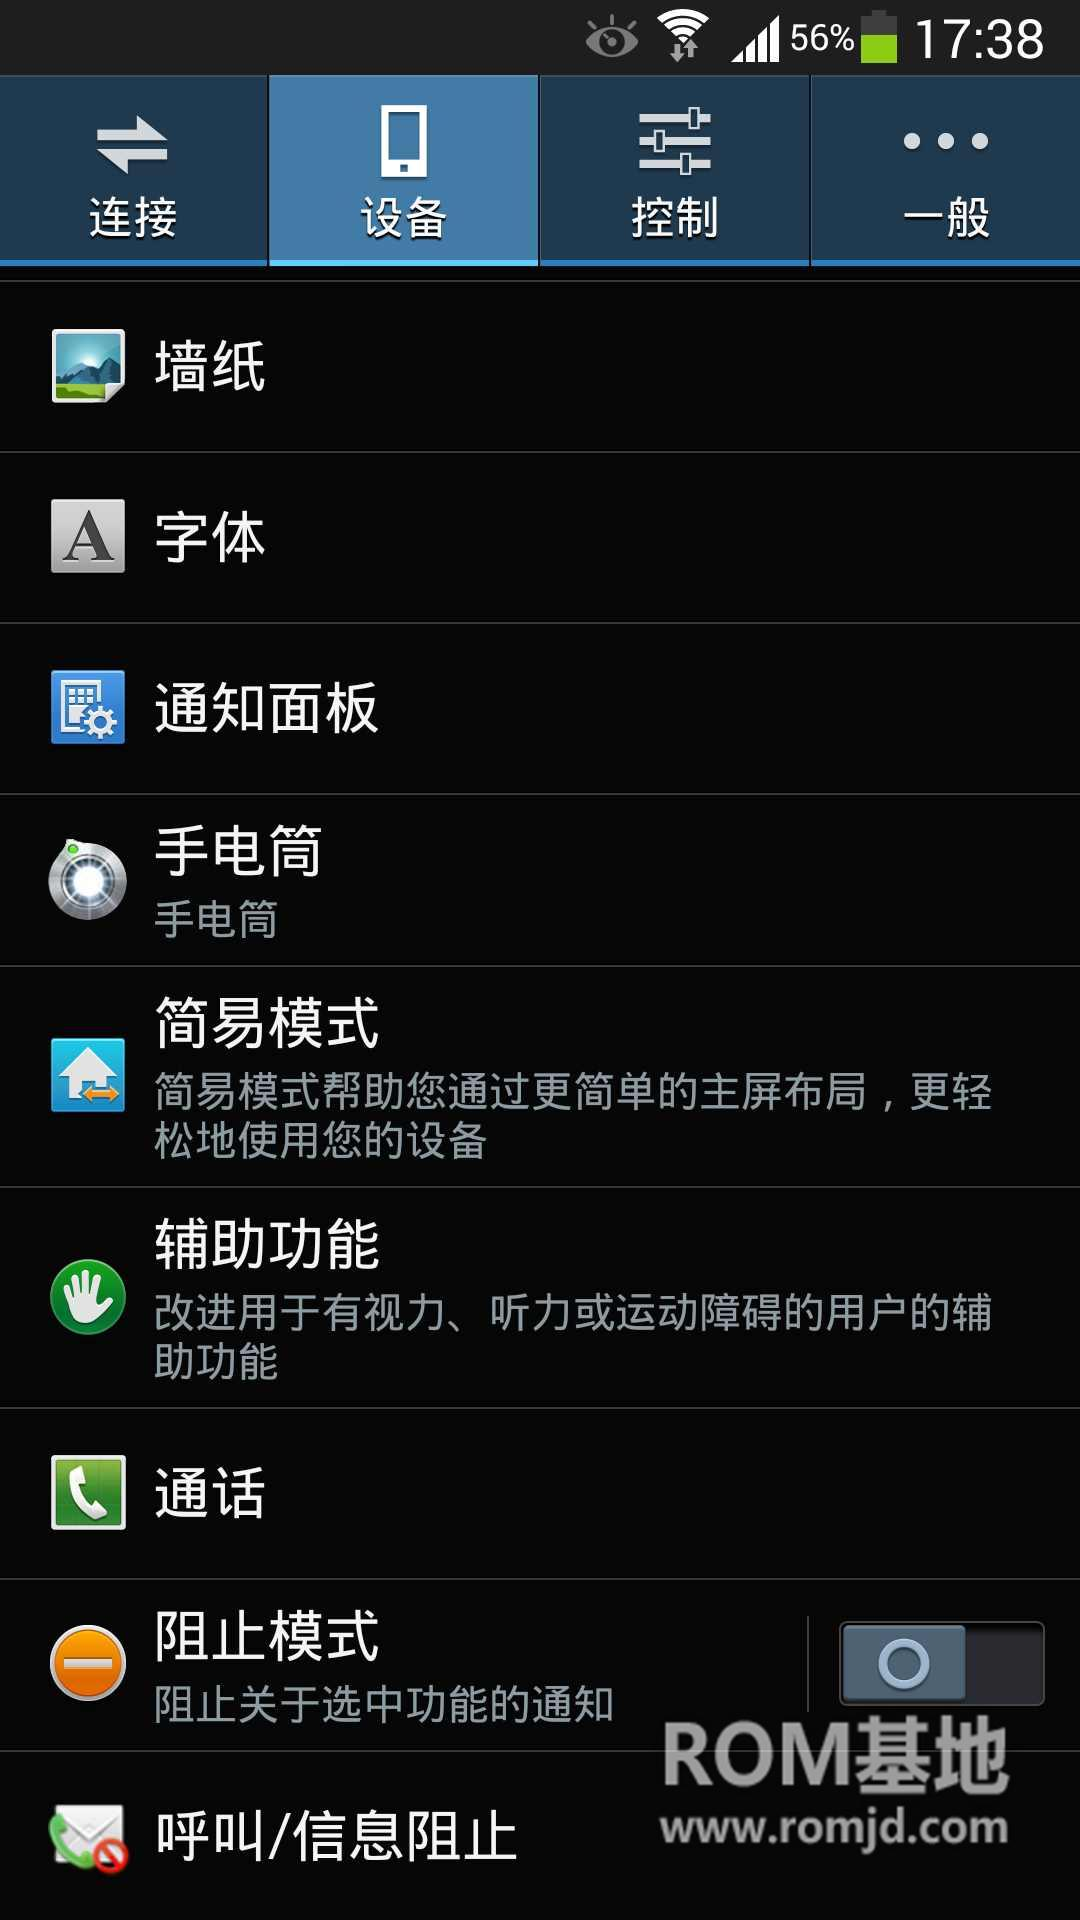 绿化纯净 三星 N900 Note3 基于ZSUCMK1制作 纯净版刷机包ROM刷机包下载